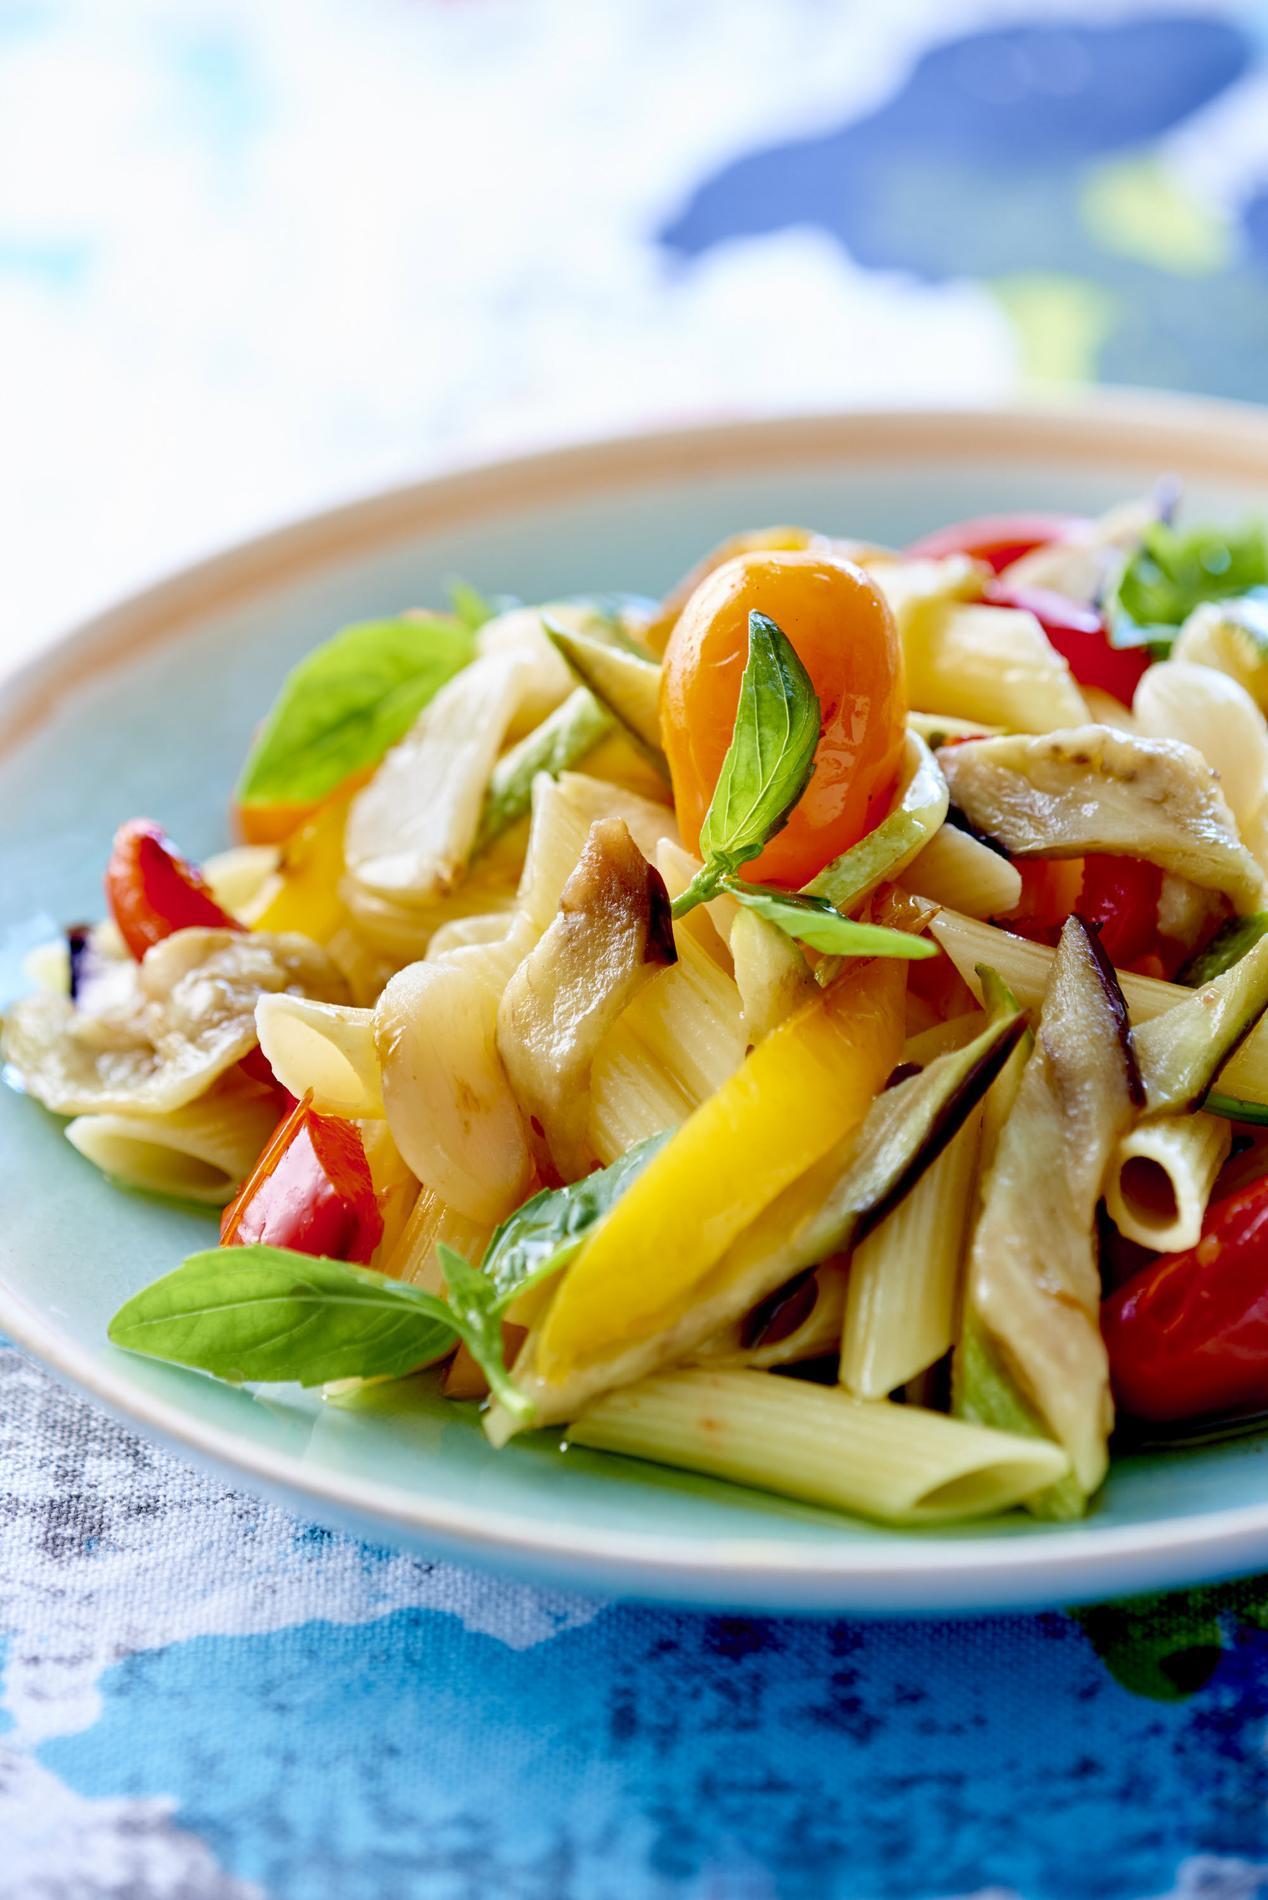 Recette p tes aux l gumes cuisine madame figaro - Recette de cuisine simple avec des legumes ...